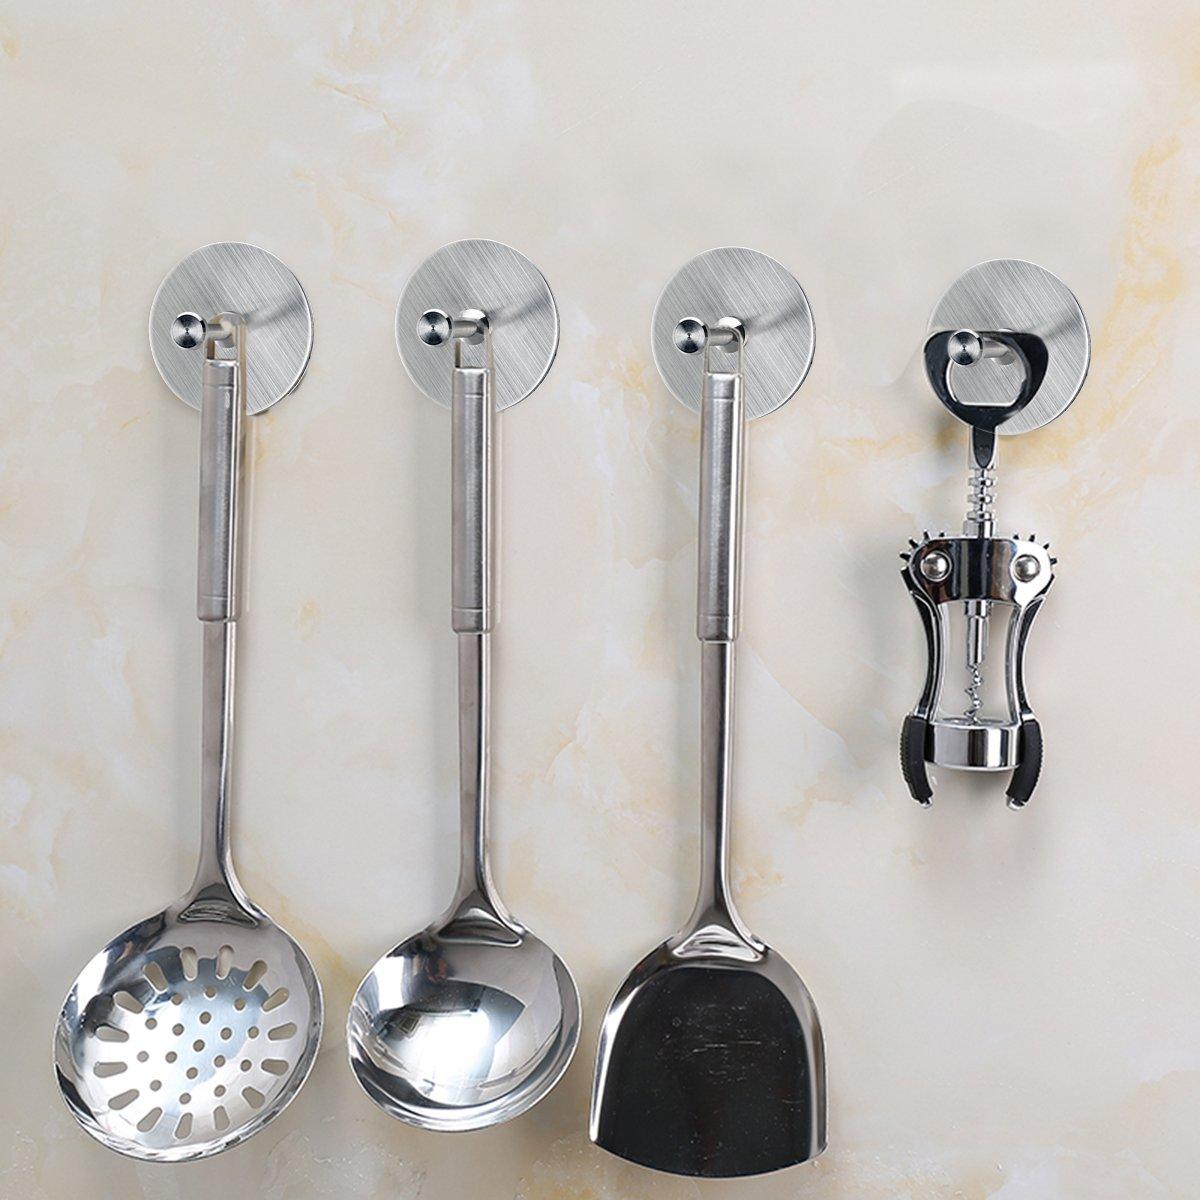 FOTYRIG Self Adhesive Hooks Heavy Duty Wall Stainless Steel Waterproof Robe/Towel Hooks for Bathroom Kitchen Garage-4 Packs by FOTYRIG (Image #7)